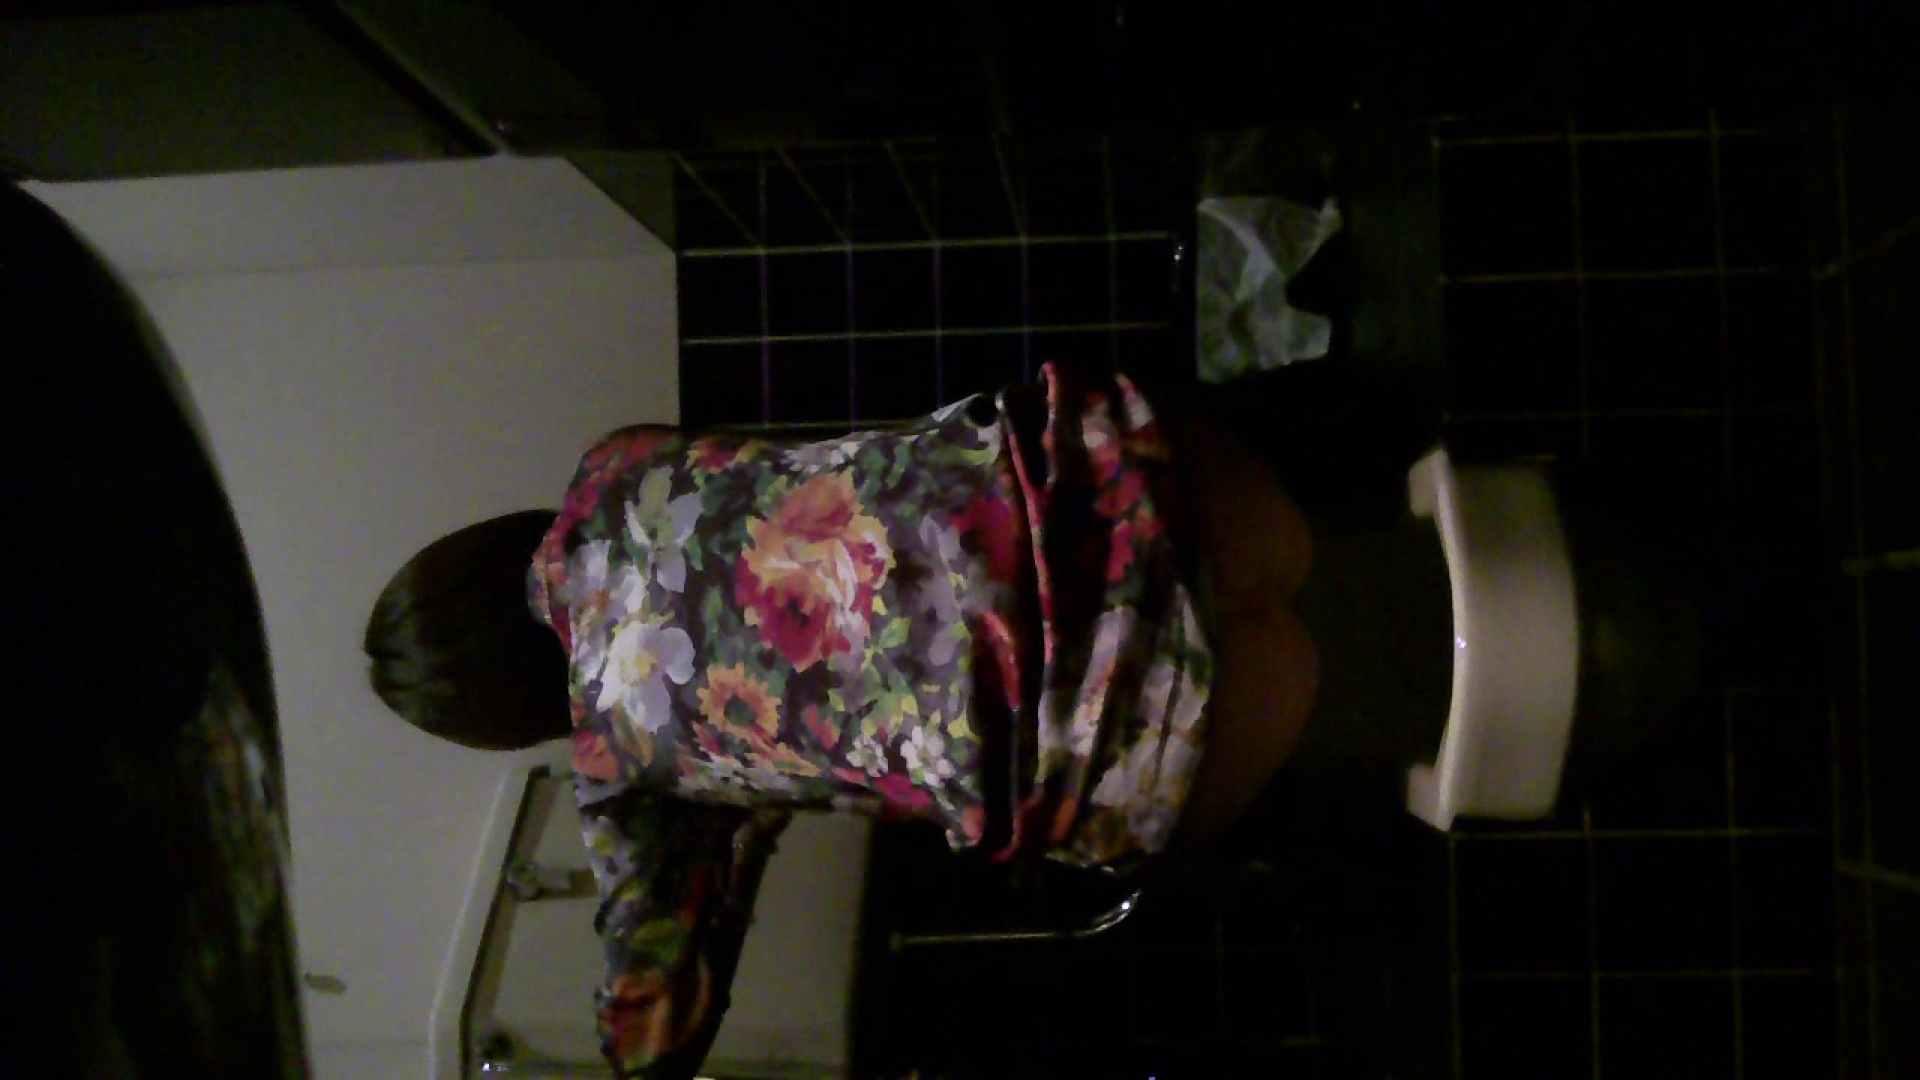 美女の集まる飲み屋洗面所 vol.04 洗面所 覗きオメコ動画キャプチャ 52PICs 18